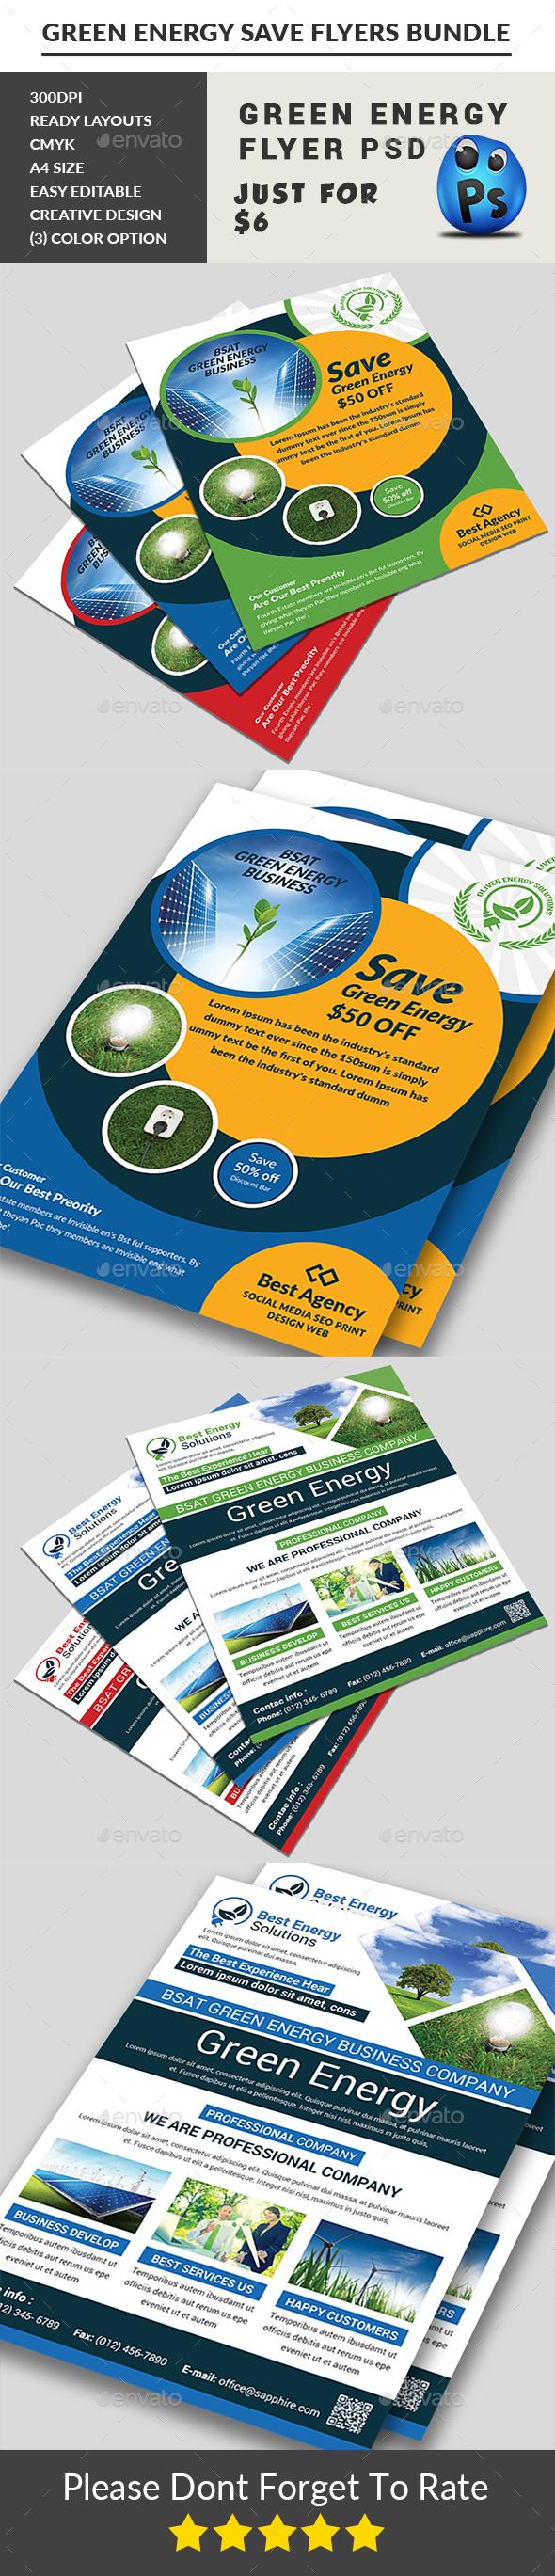 Green Energy Flyers Bundle - Corporate Flyers